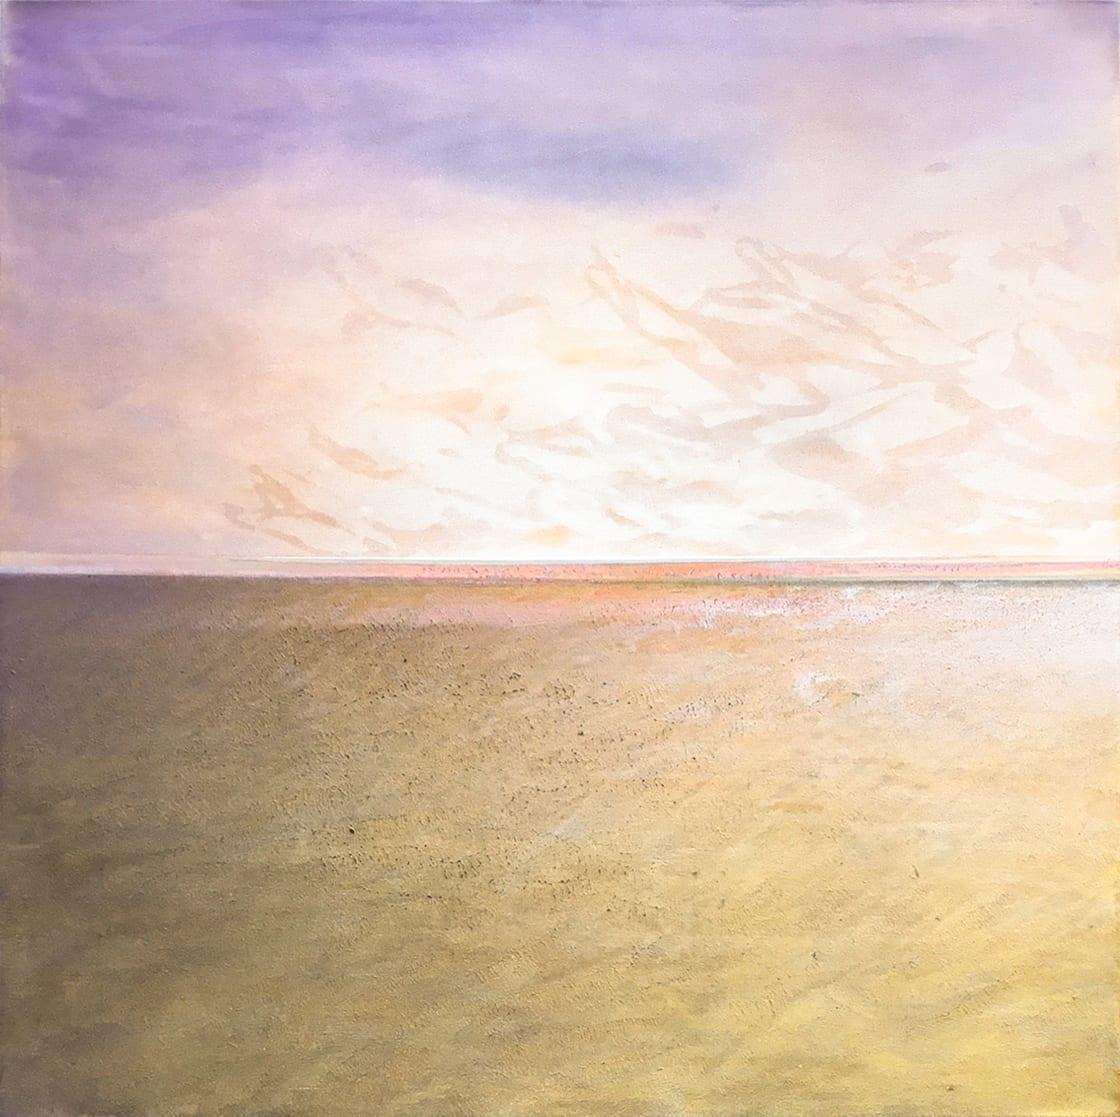 Footsteps at Mt. Enkai, 2020 by Sasha Rogers at Kostuik Gallery